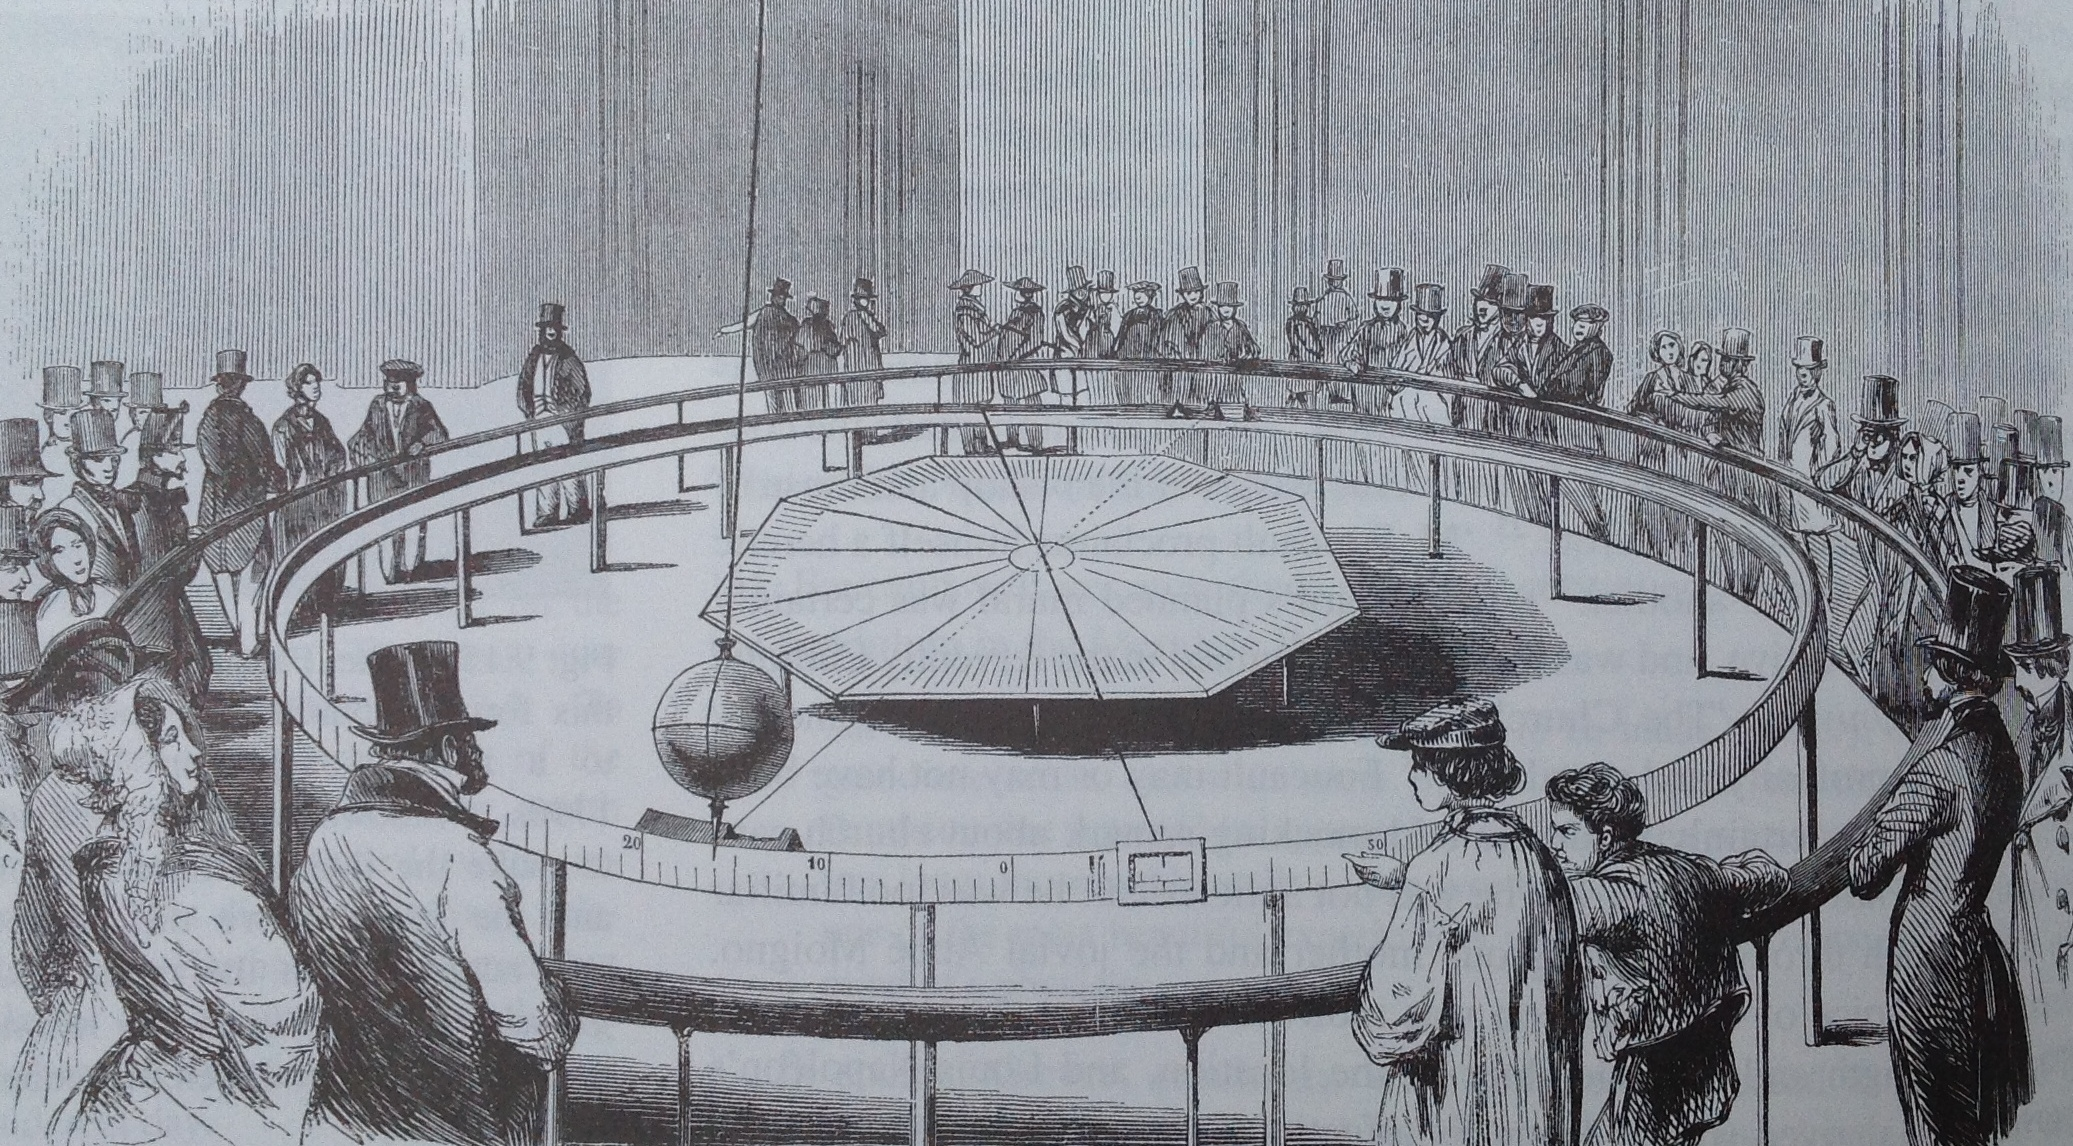 Pendulul lui Foucault, Paris, 1851